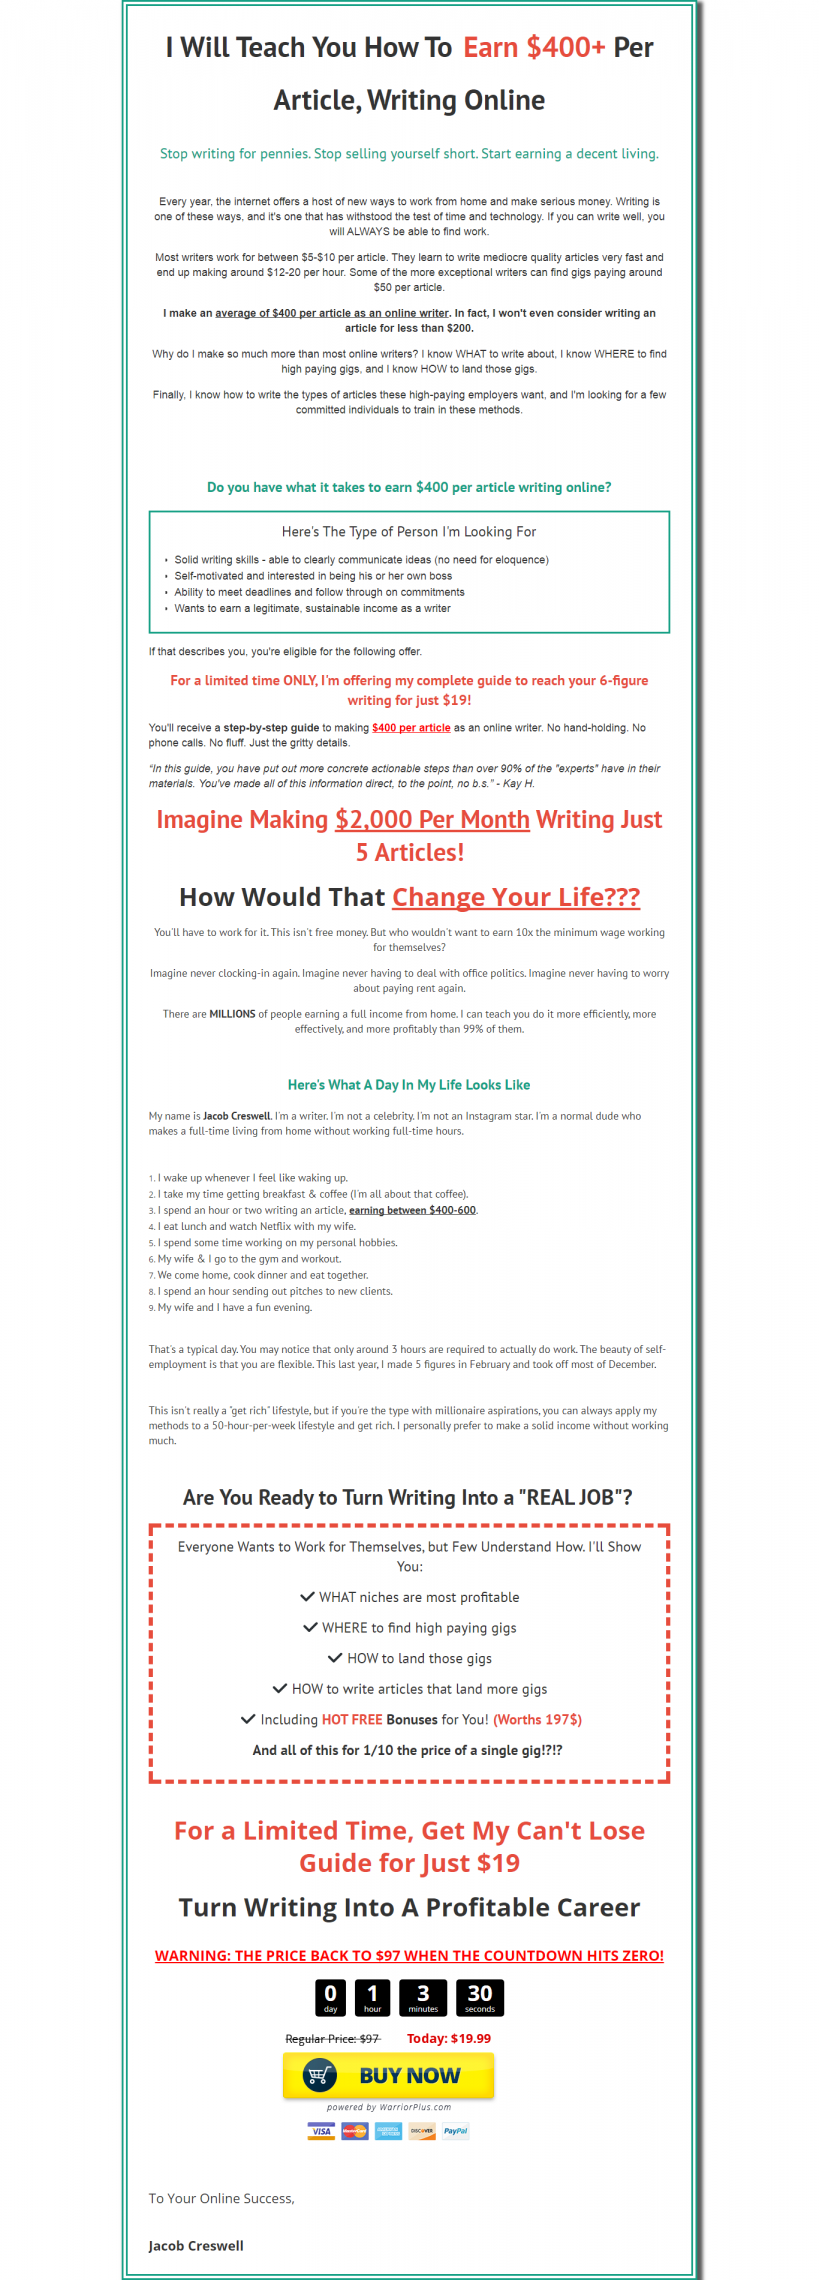 教你如何线上撰写文章并且每篇文章赚取400美元以上(3 Figures Writing Profits)